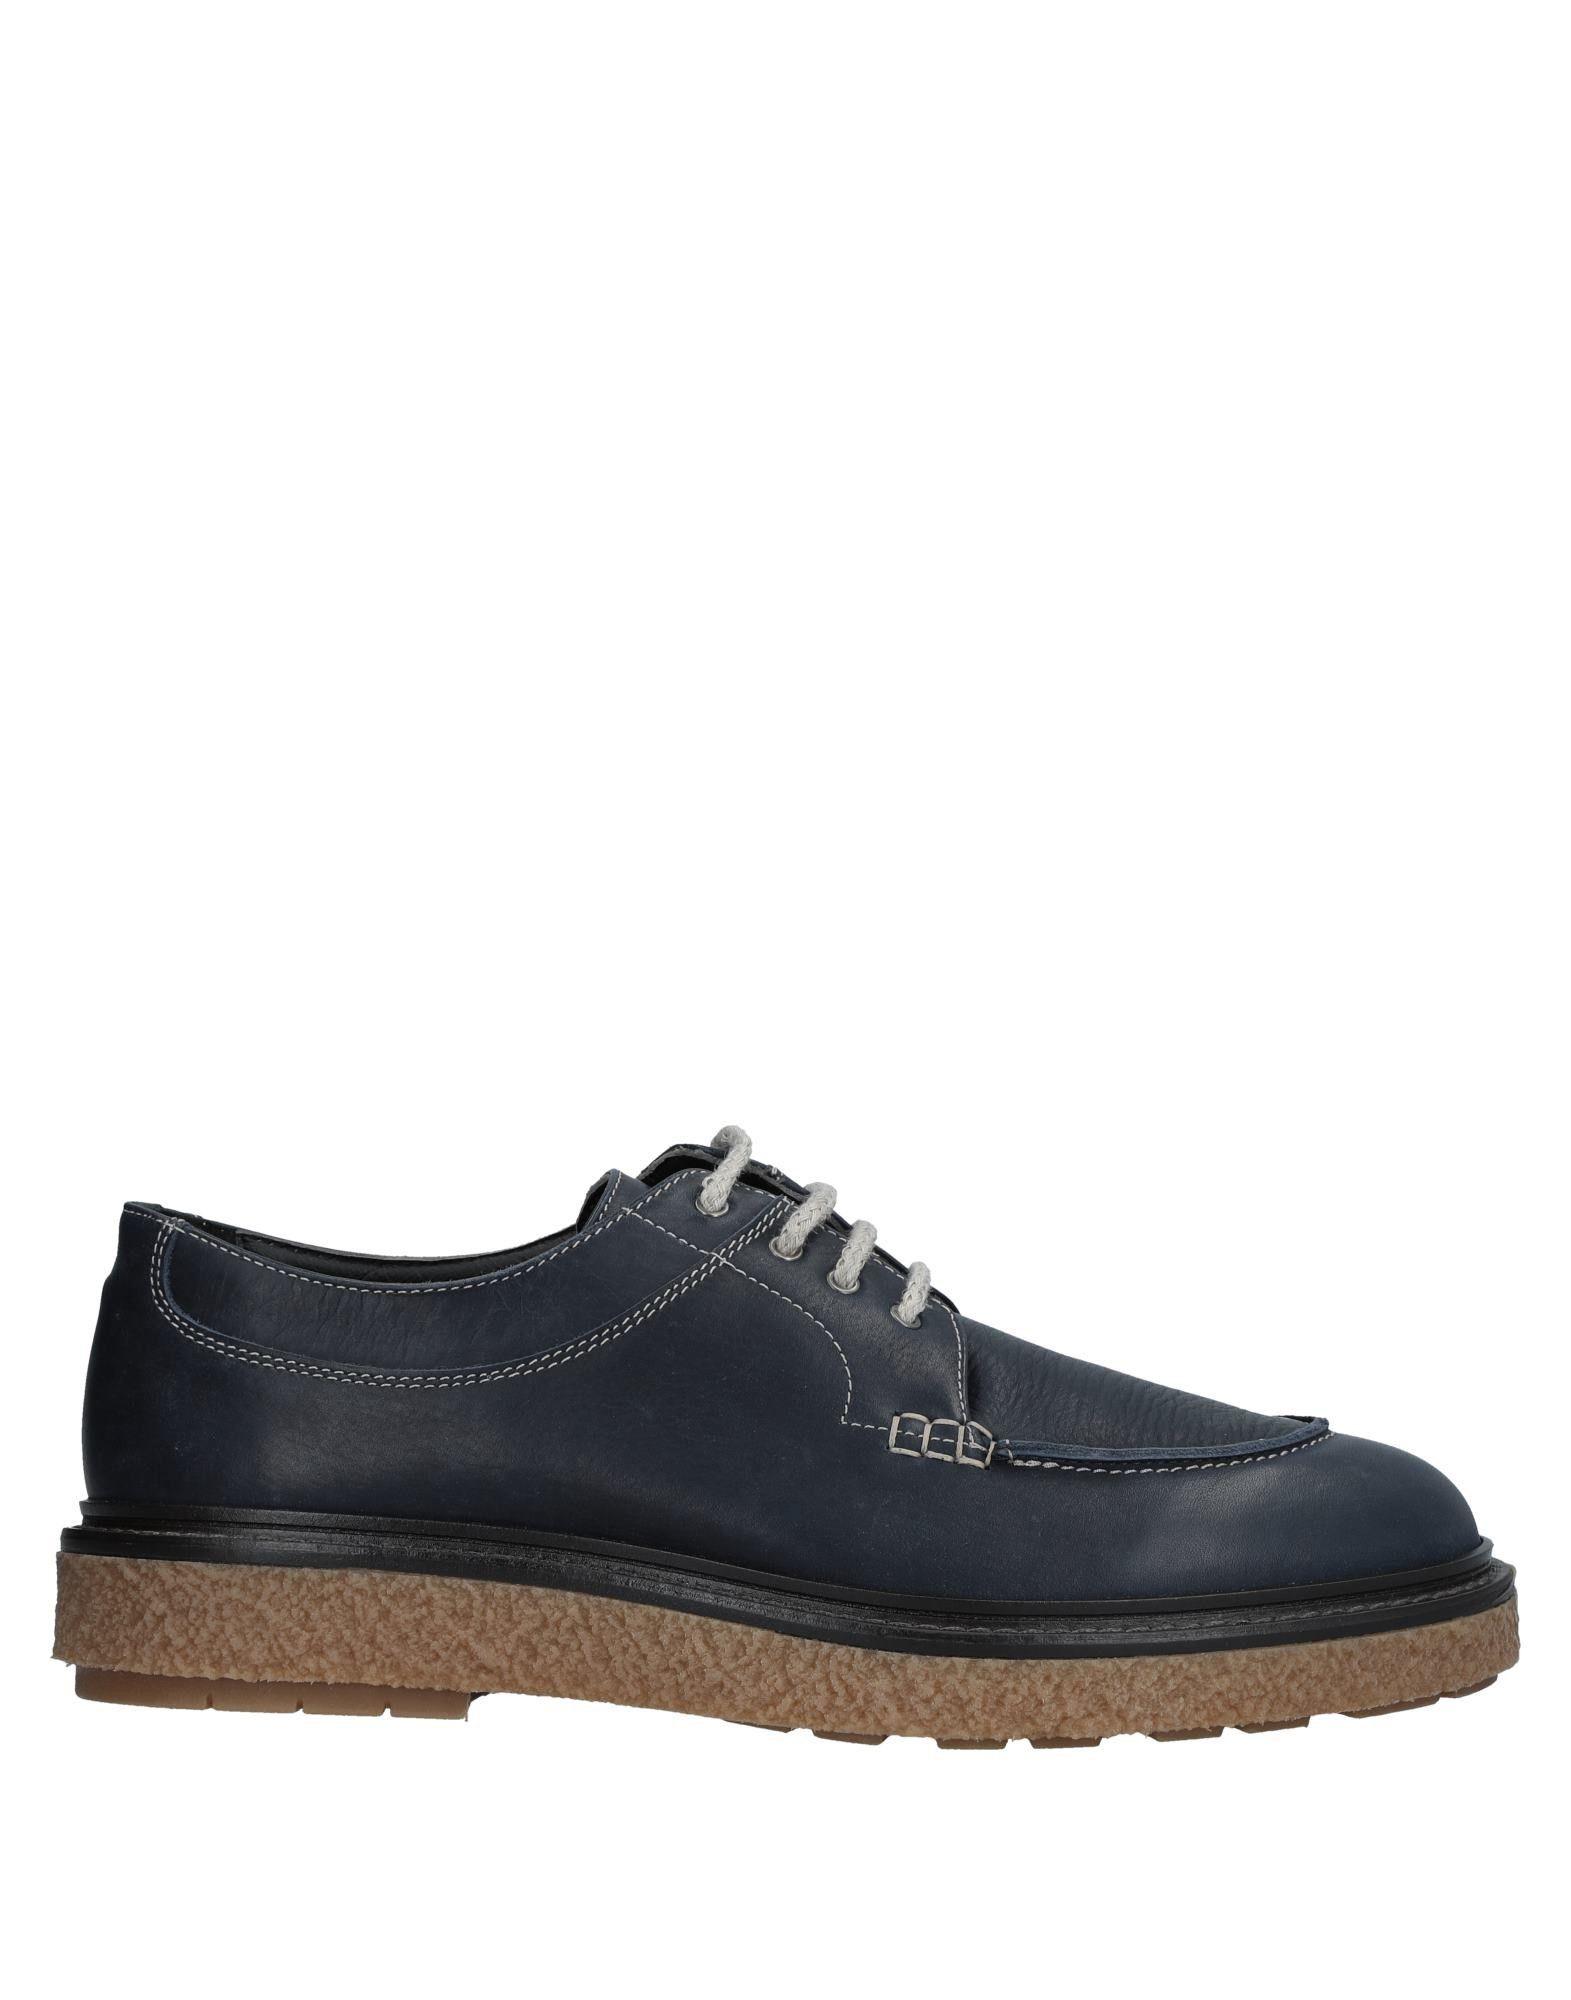 Rabatt echte Schuhe Andrea Morelli Schnürschuhe Herren  11527602VH